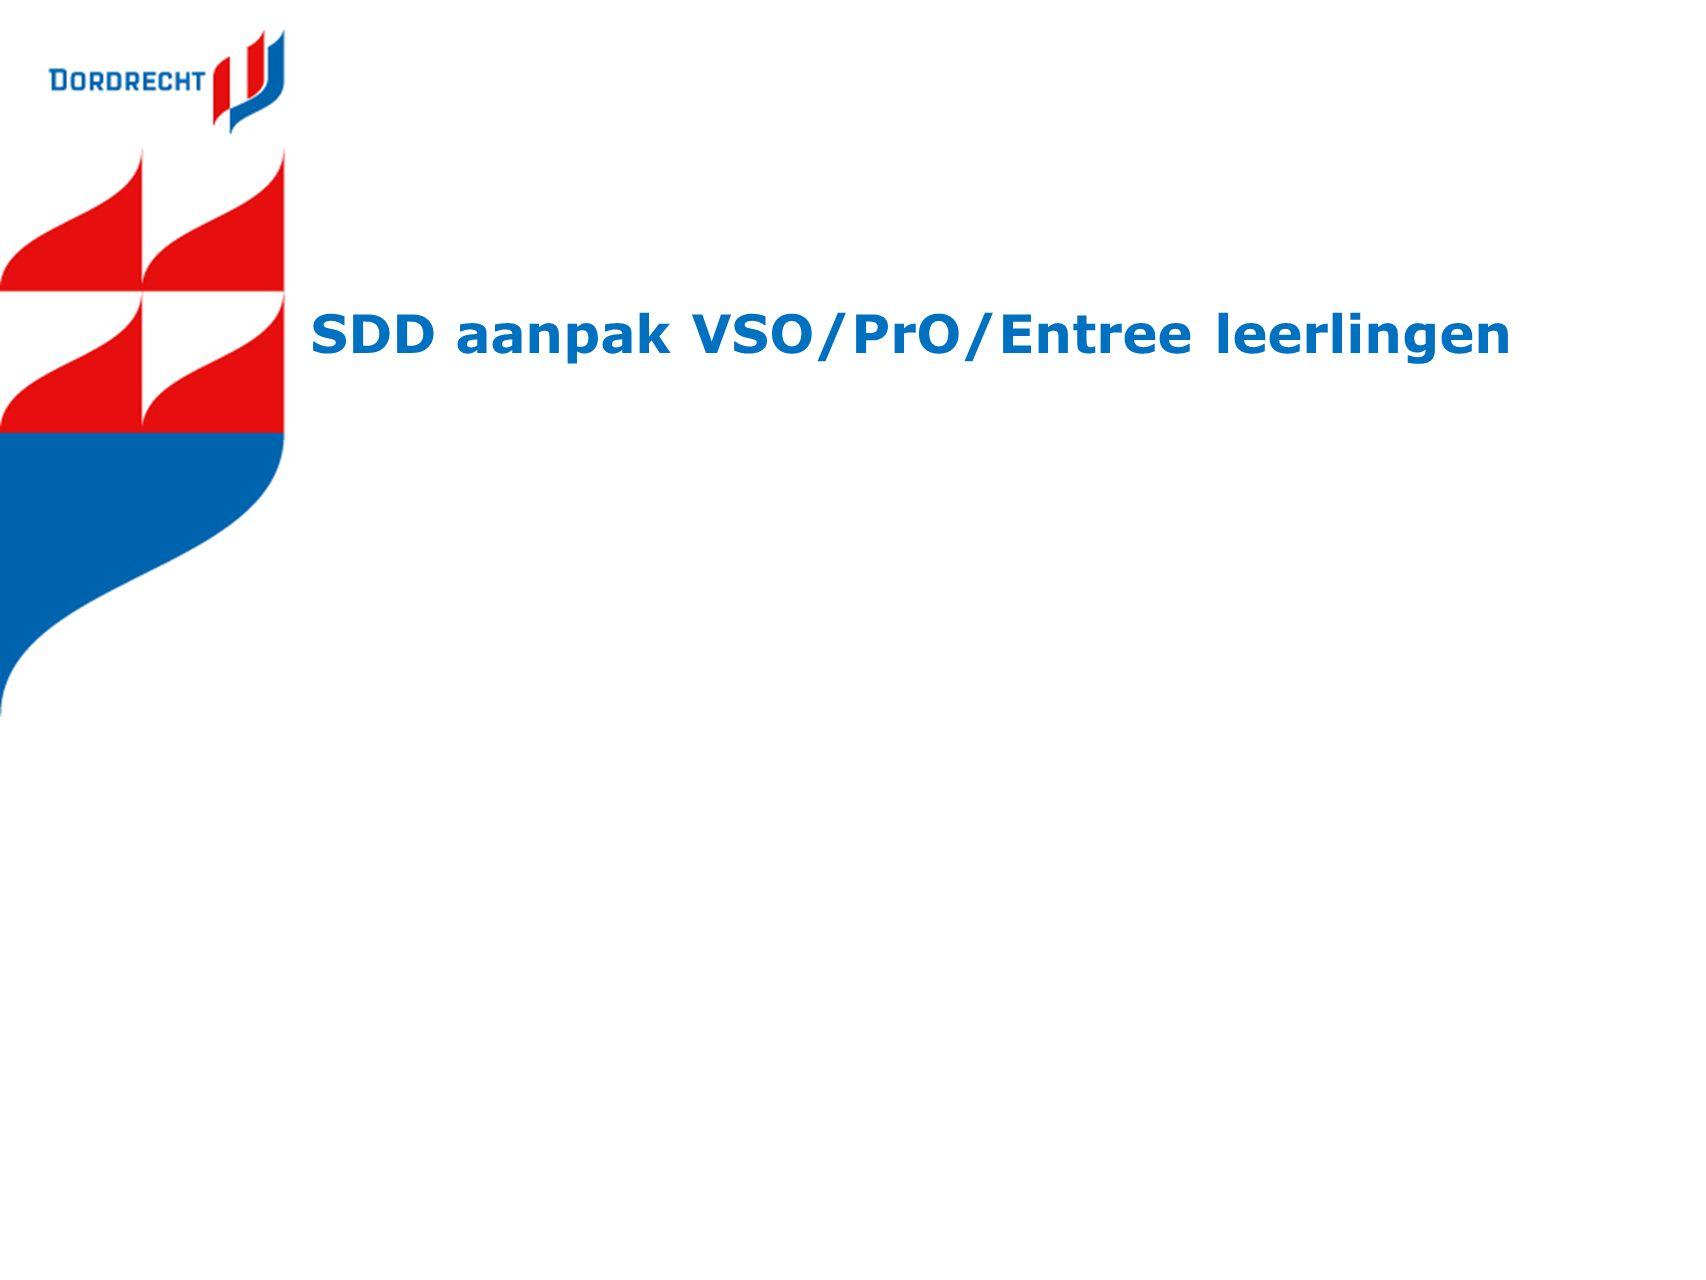 SDD aanpak VSO/PrO/Entree leerlingen